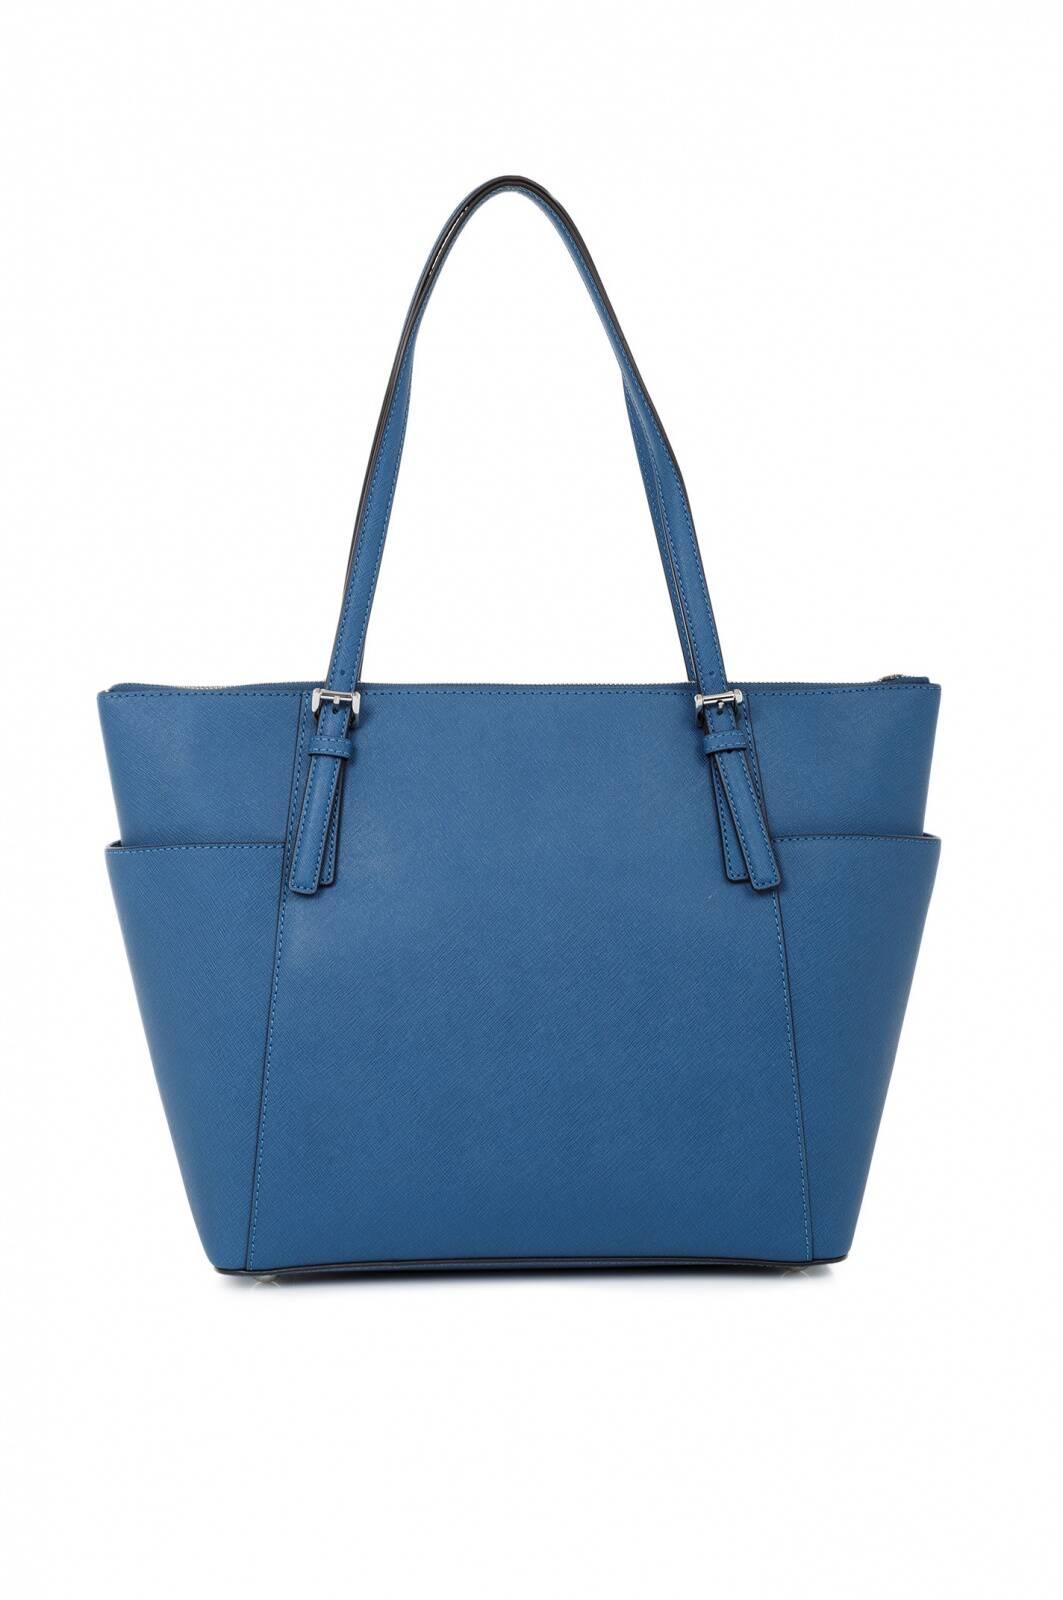 jet set item shopper bag michael kors blue bags. Black Bedroom Furniture Sets. Home Design Ideas